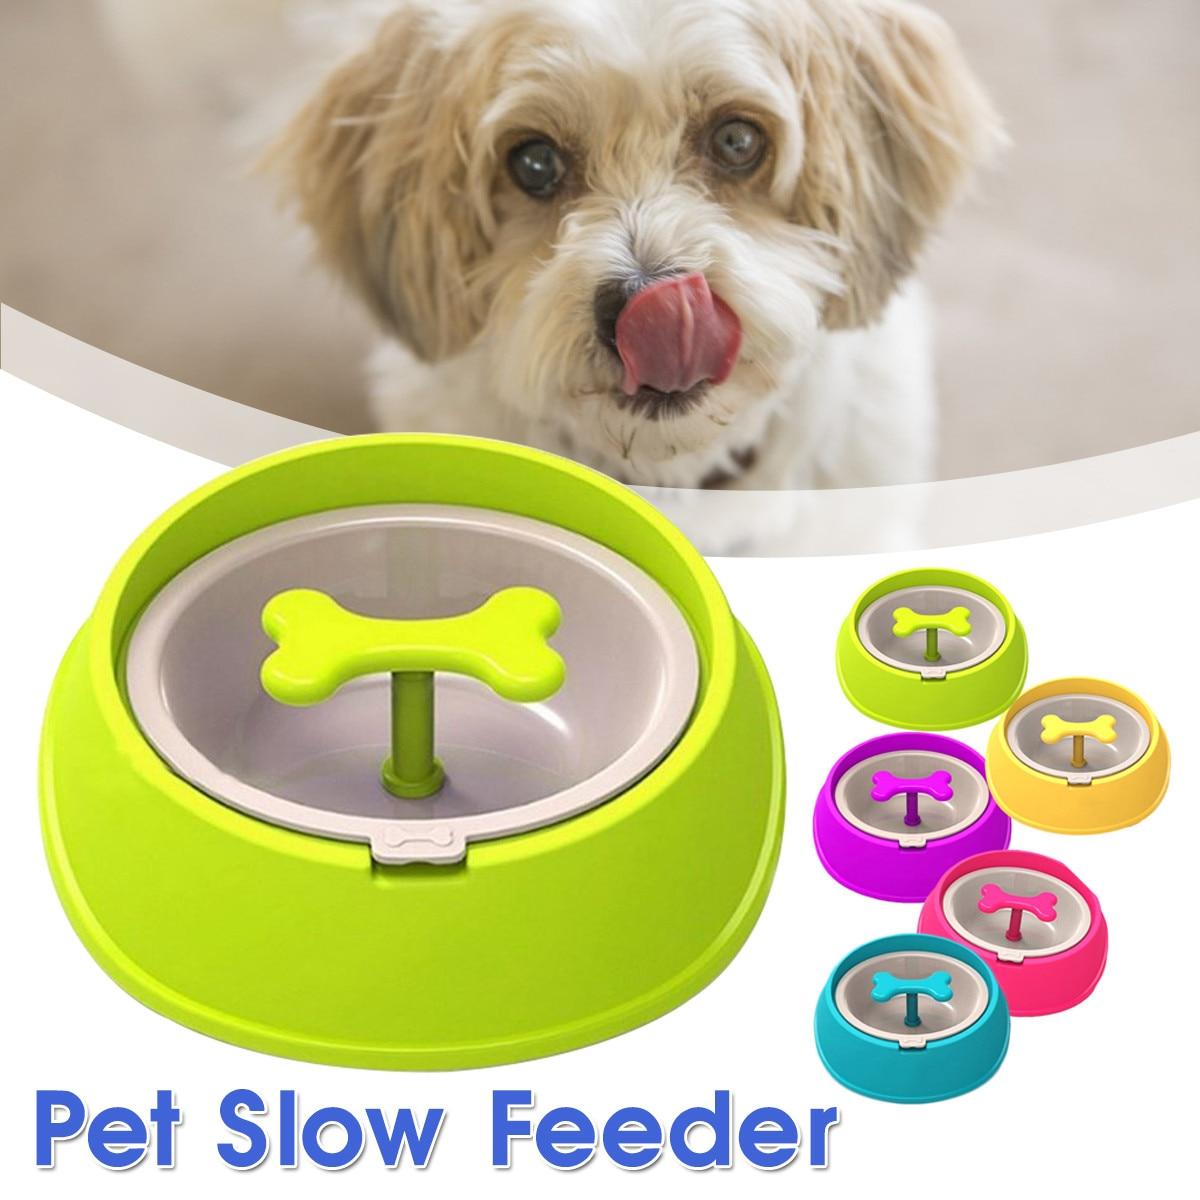 ペットボウル遅い食べるドリンクボウル骨形の犬ロータリー抗チョーク健康的な防止窒息大食いパズルフィーダー犬猫